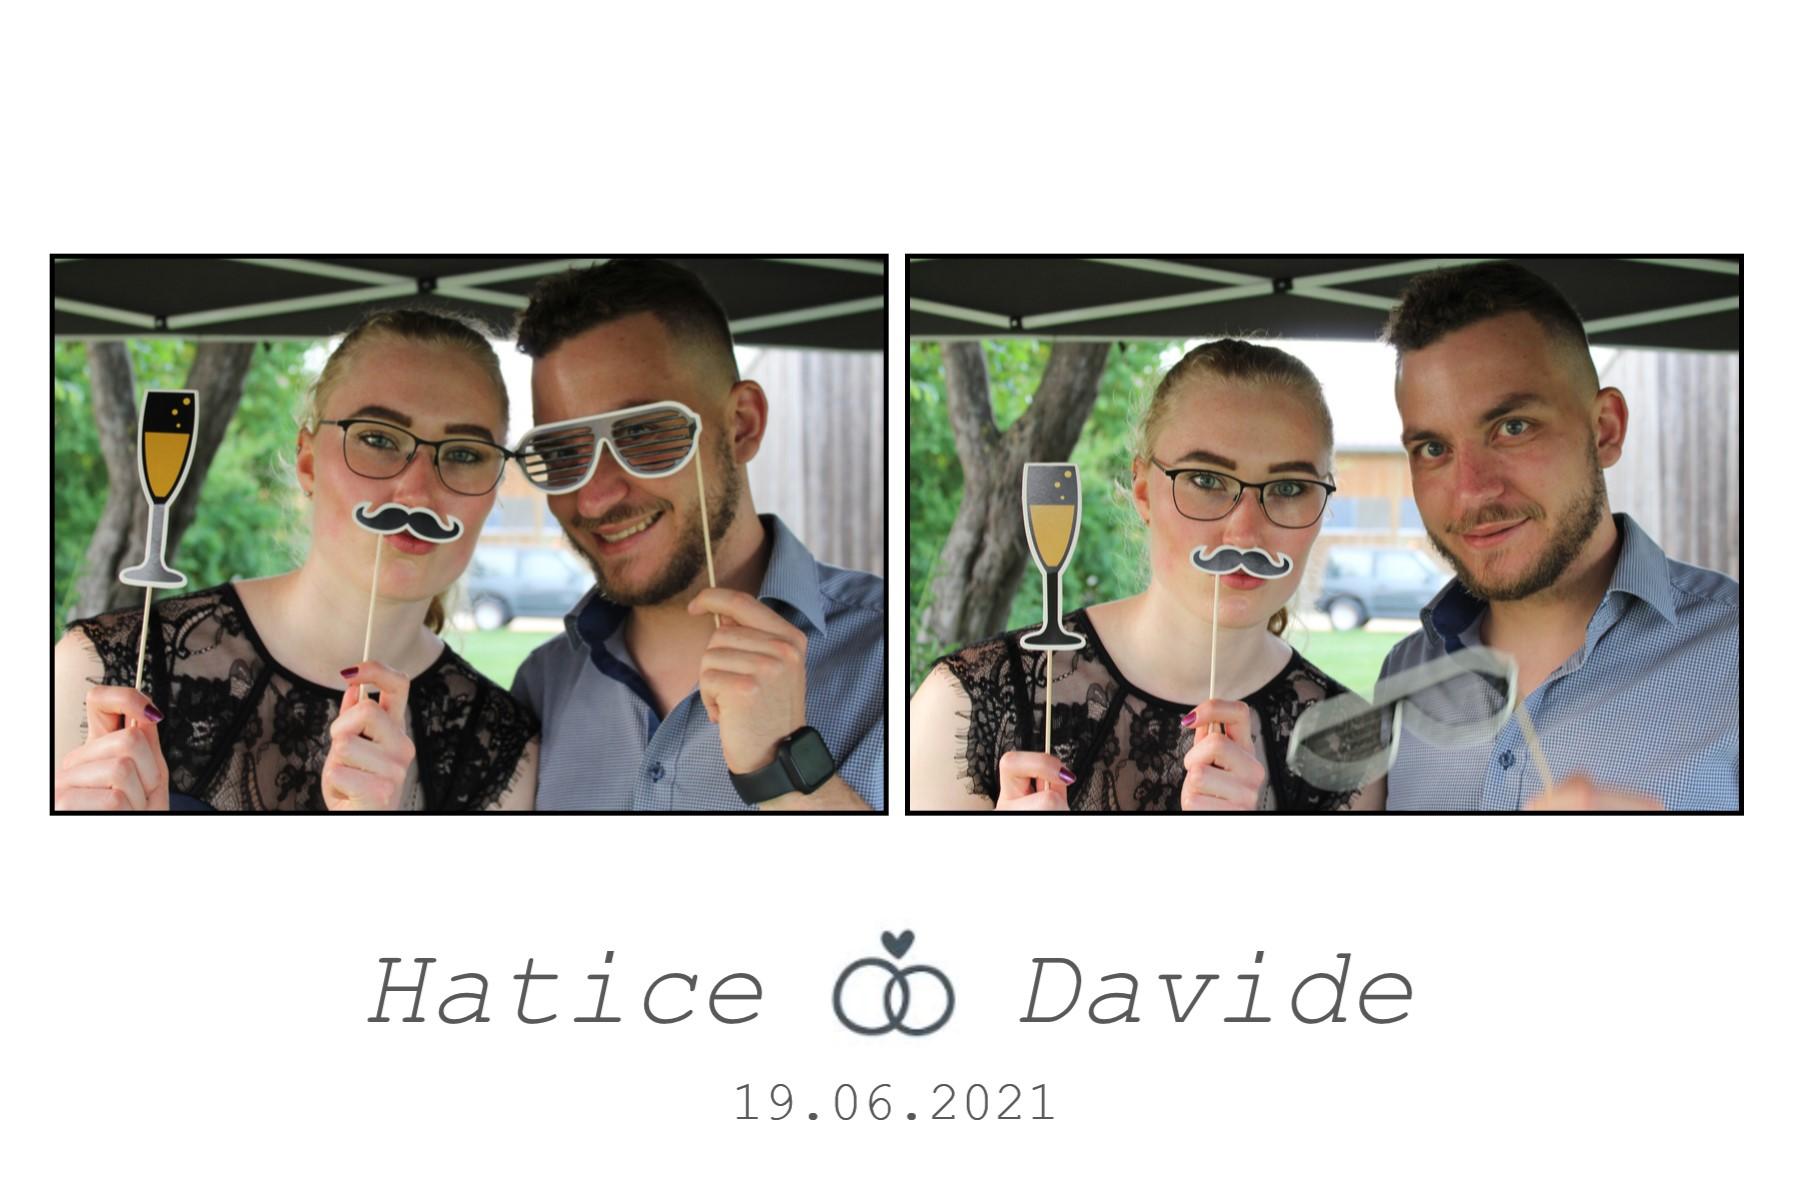 Hatice & Davide